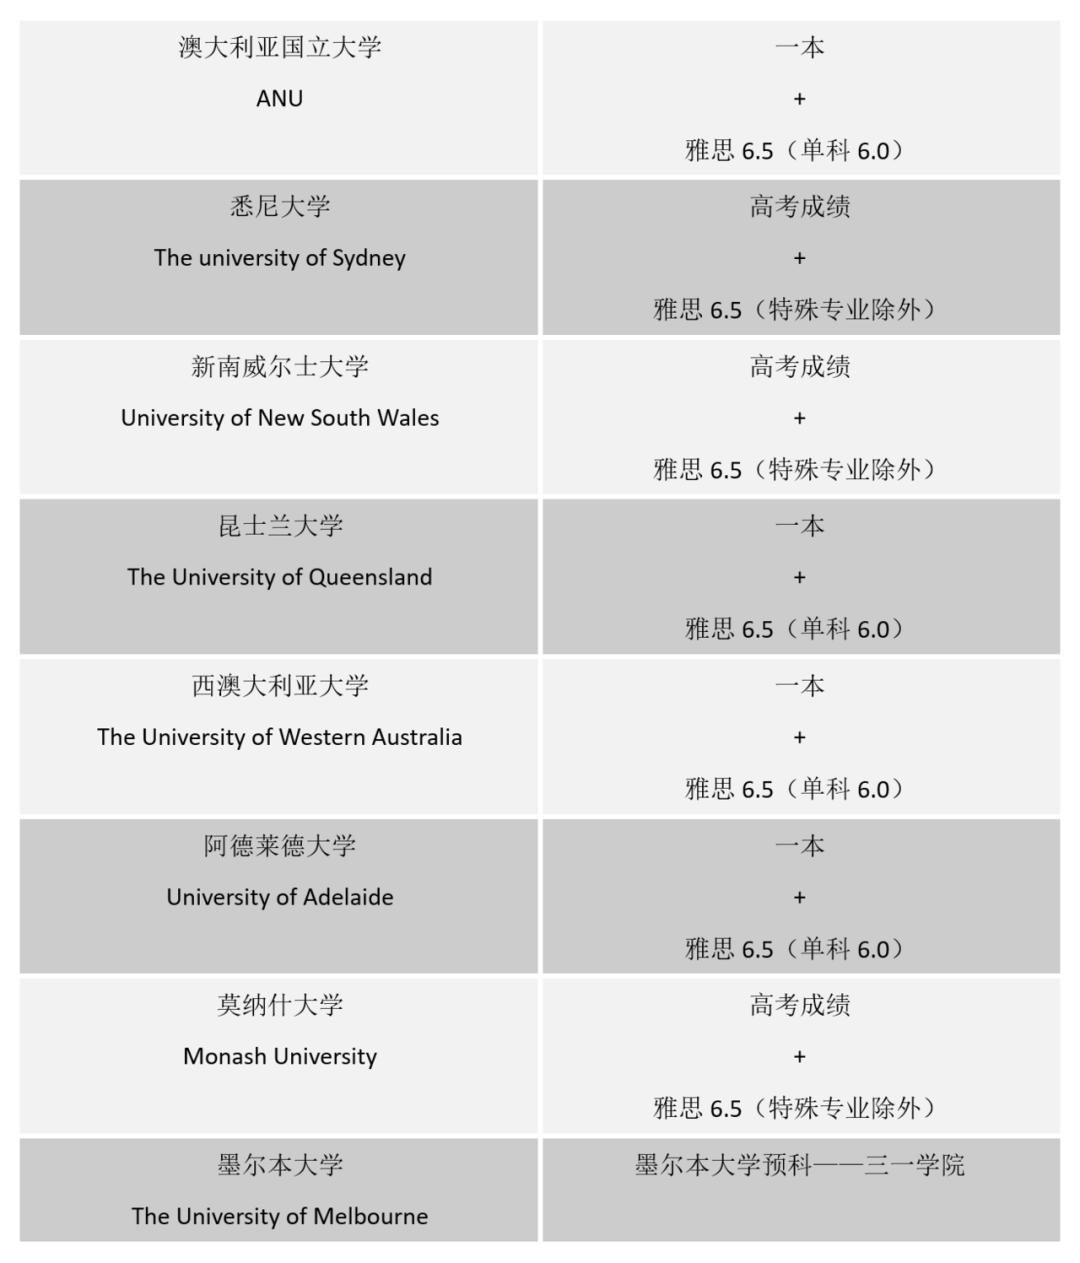 高考成绩帮你搞定澳新名校录取通知书